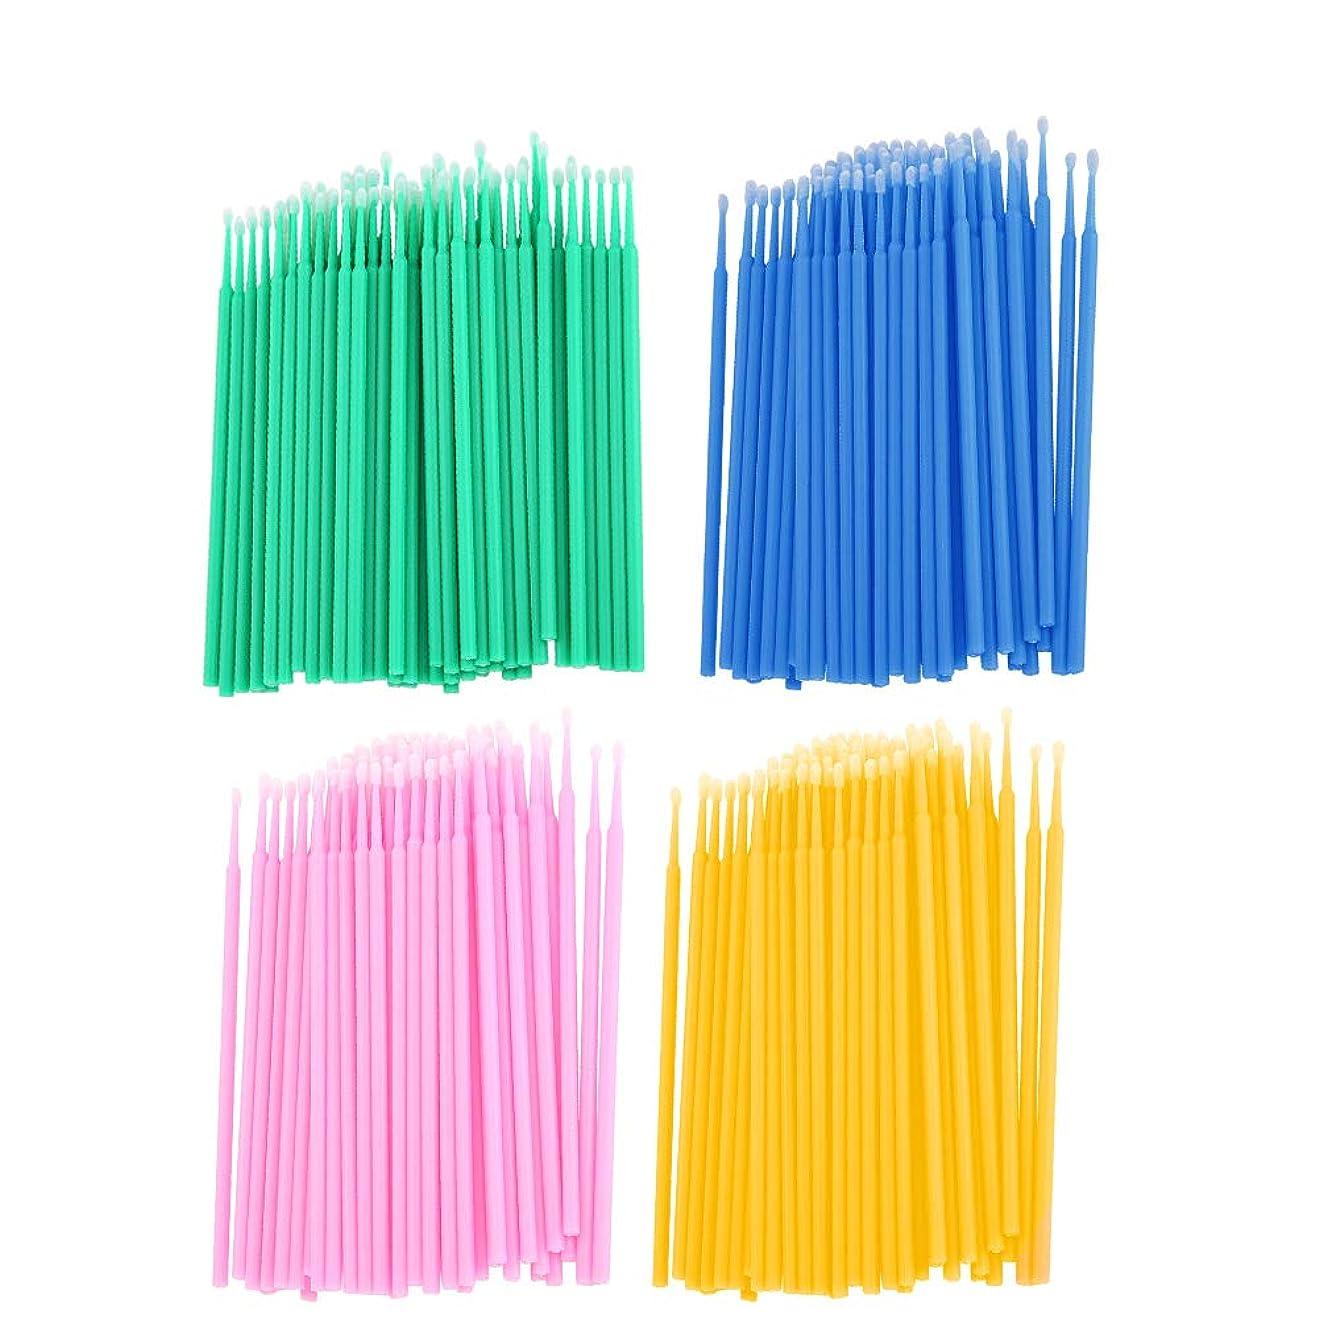 アシュリータファーマンガイダンスワーディアンケースマイクロブラシまつげエクステンションマイクロブラシ4色まつげクリーニングスティック使い捨て綿棒、マイクロスワブ、ホームサロンの化粧タトゥー